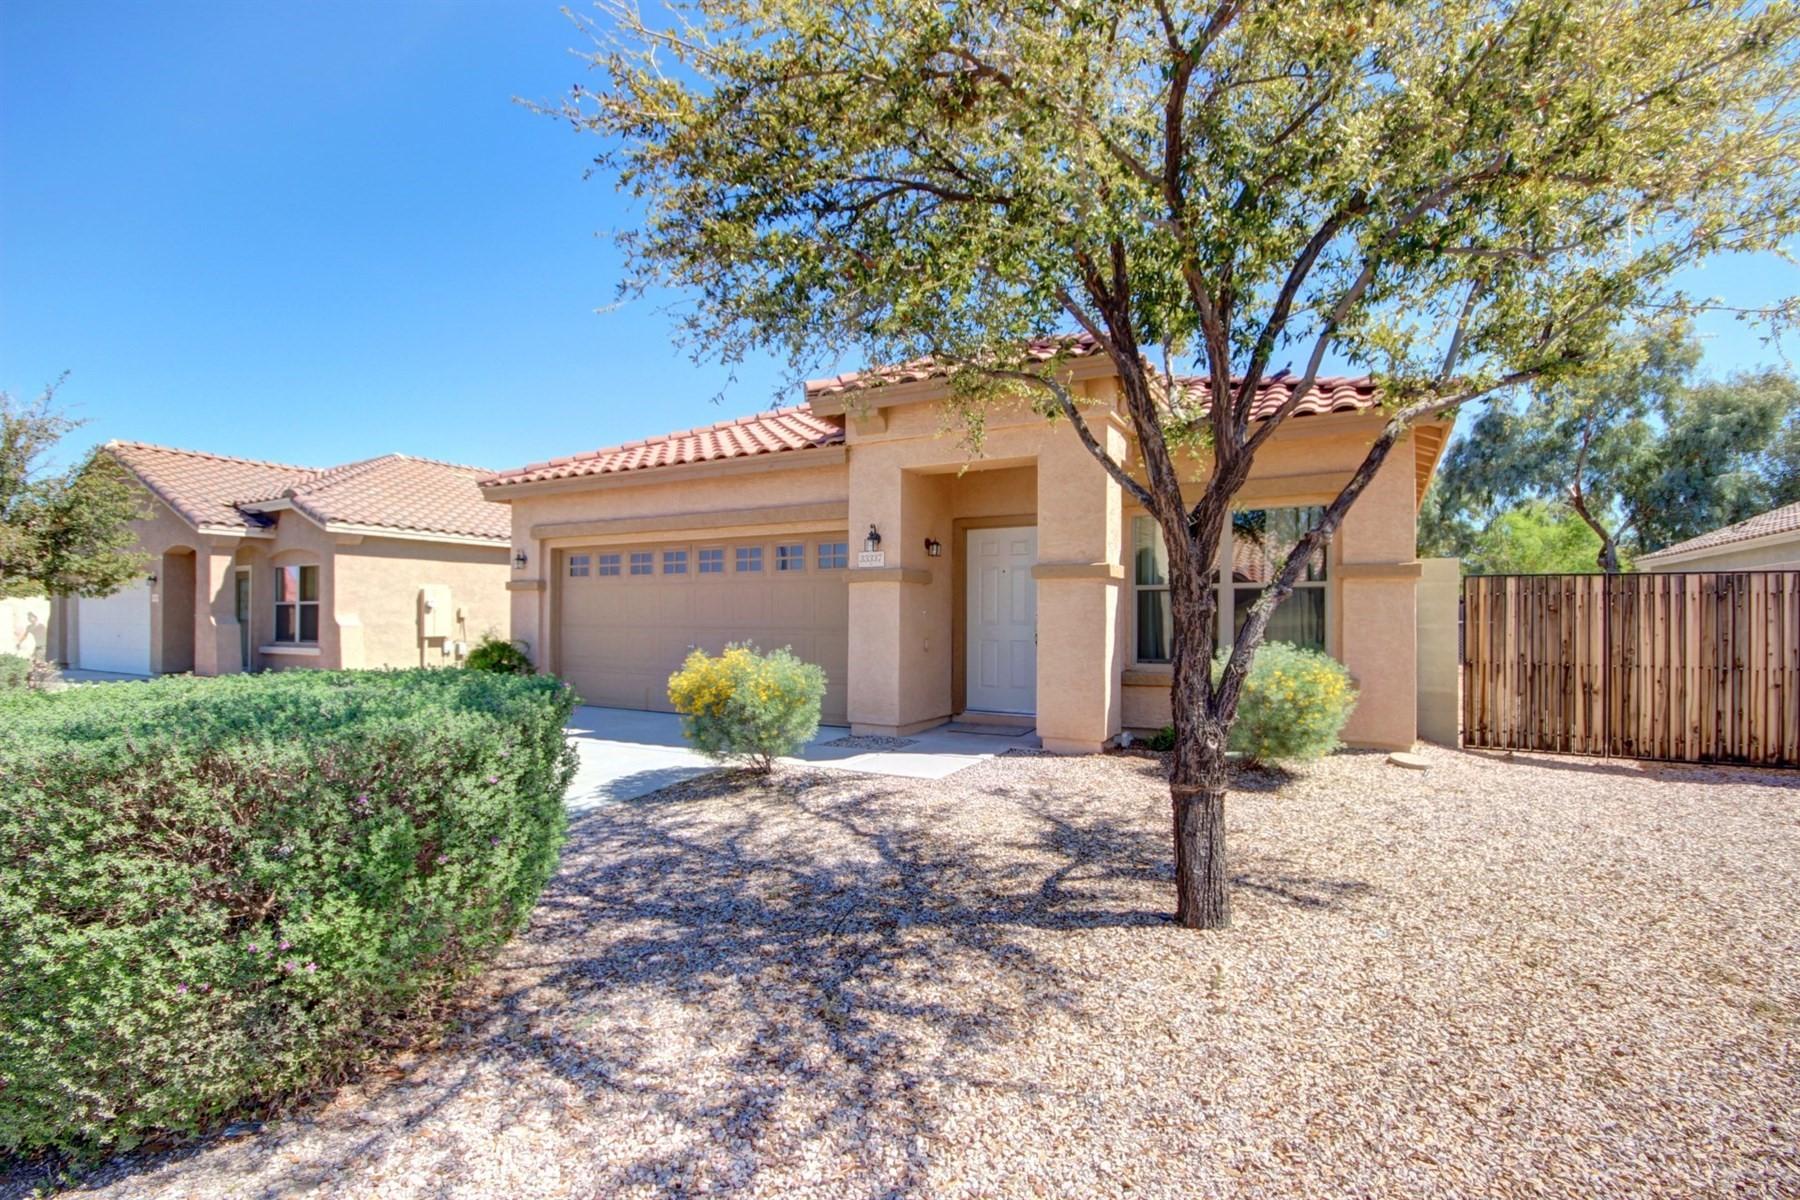 一戸建て のために 売買 アット Charming and spacious remodel in San Tan Heights 33337 N Sonoran Trl Queen Creek, アリゾナ, 85142 アメリカ合衆国